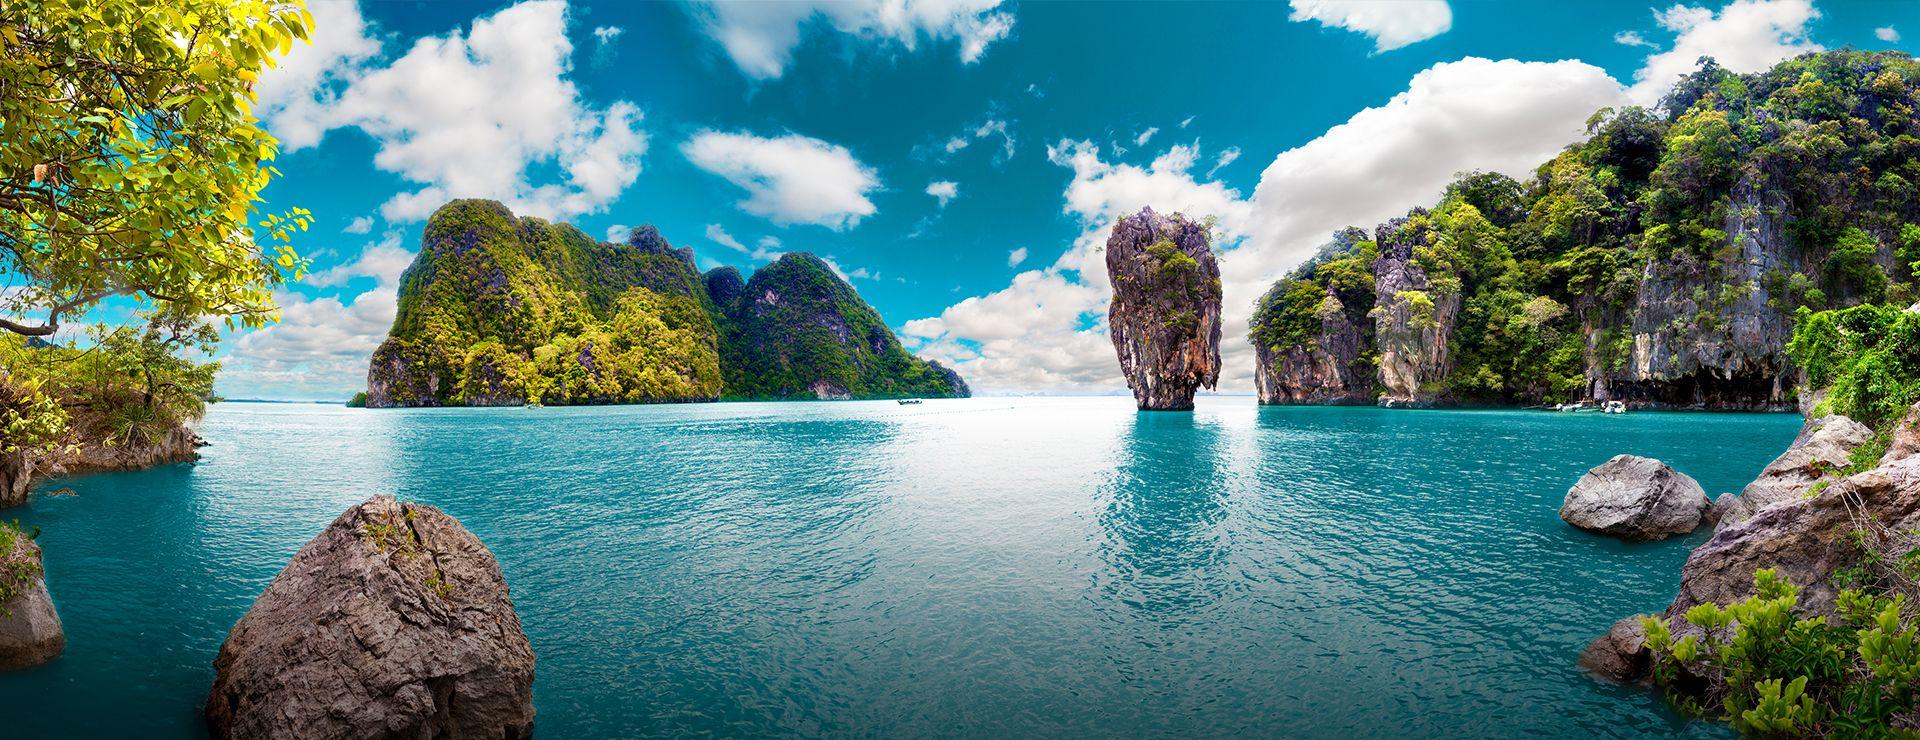 Phuket and Thailand Holidays